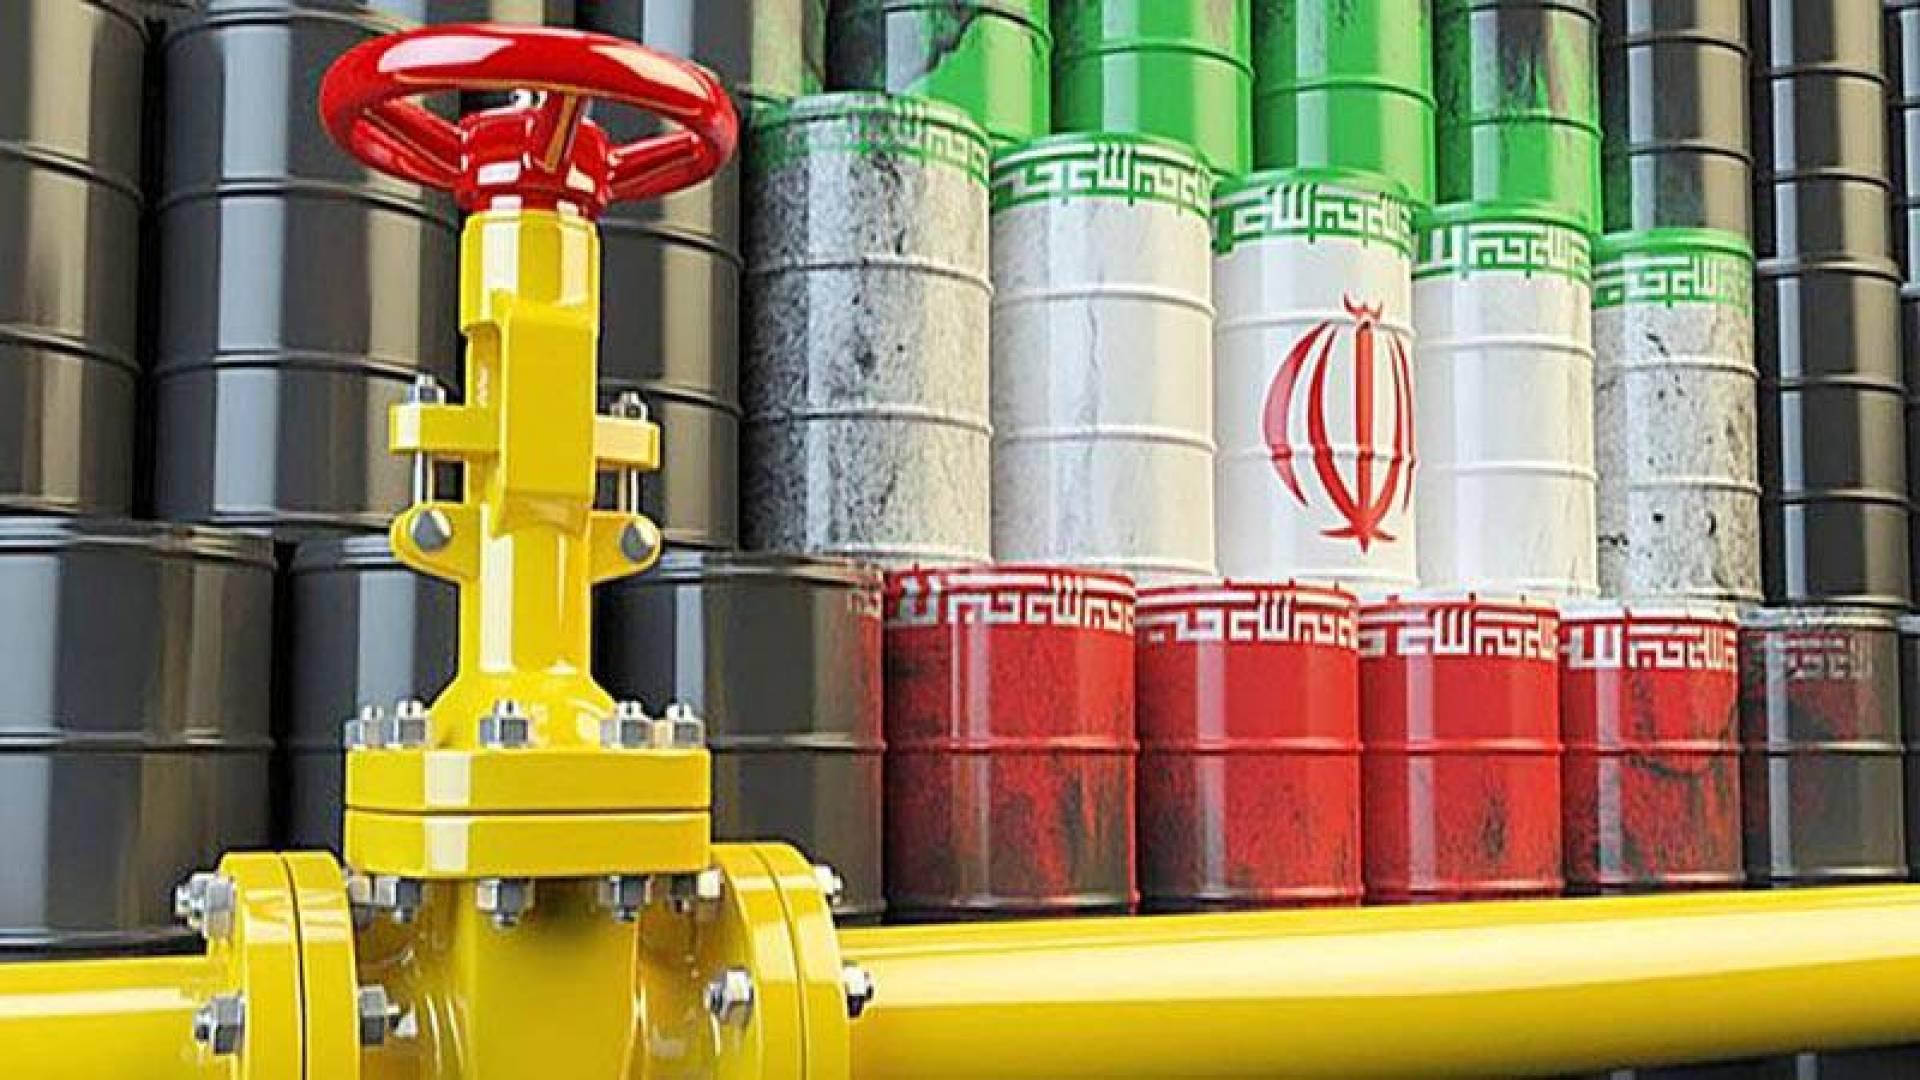 انكماش الاقتصاد الإيراني بسبب العقوبات وأزمة كورونا